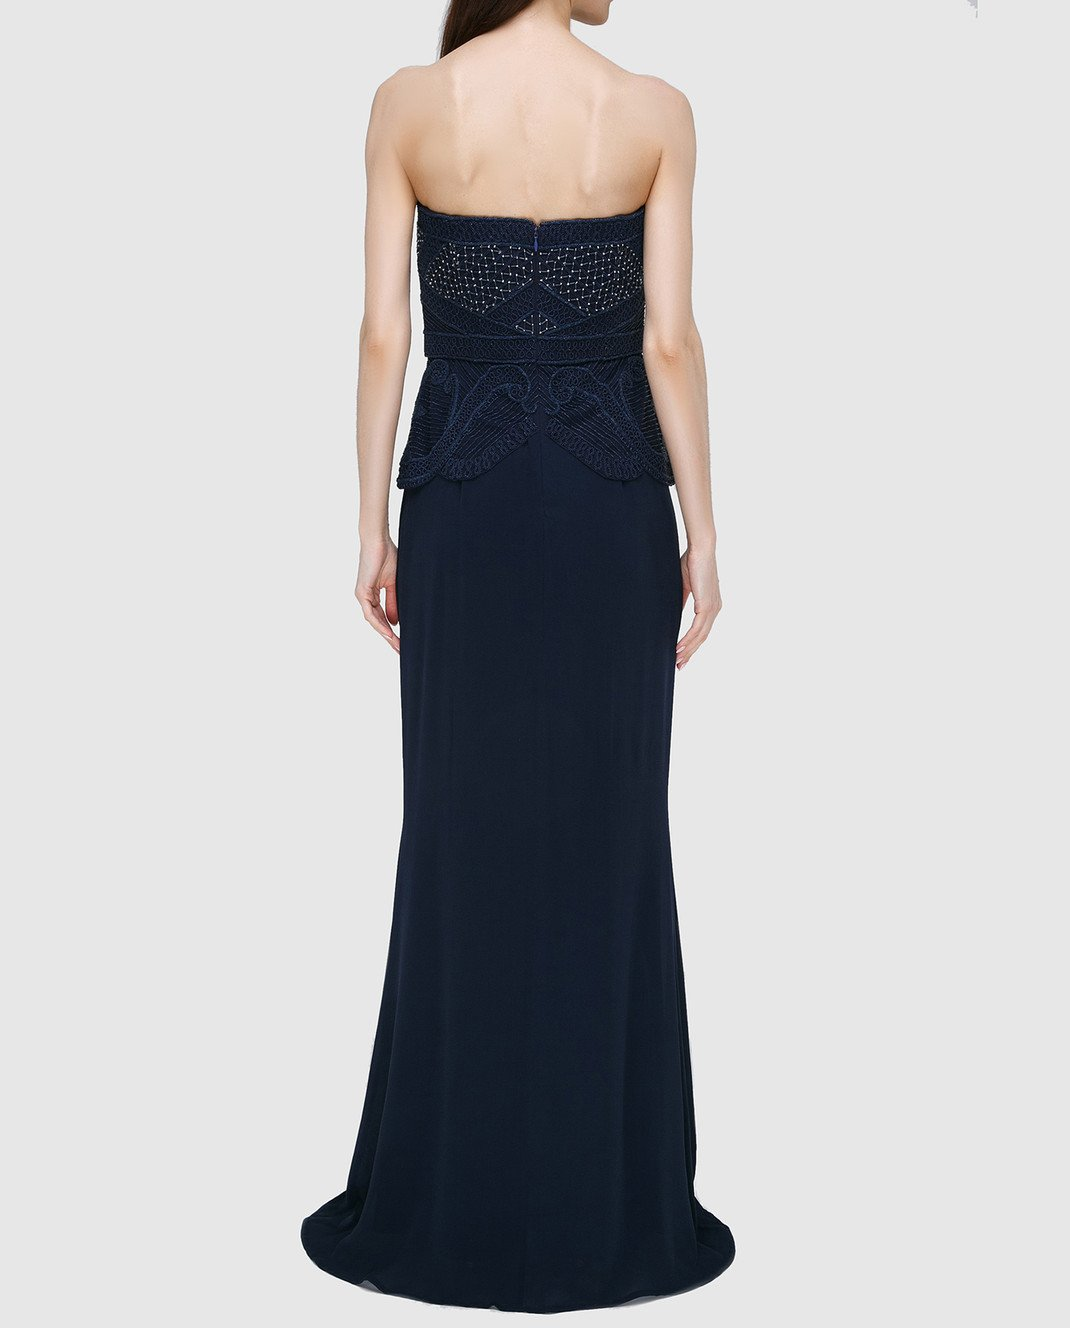 Rachel Gilbert Темно-синее платье из шелка 60014 изображение 4